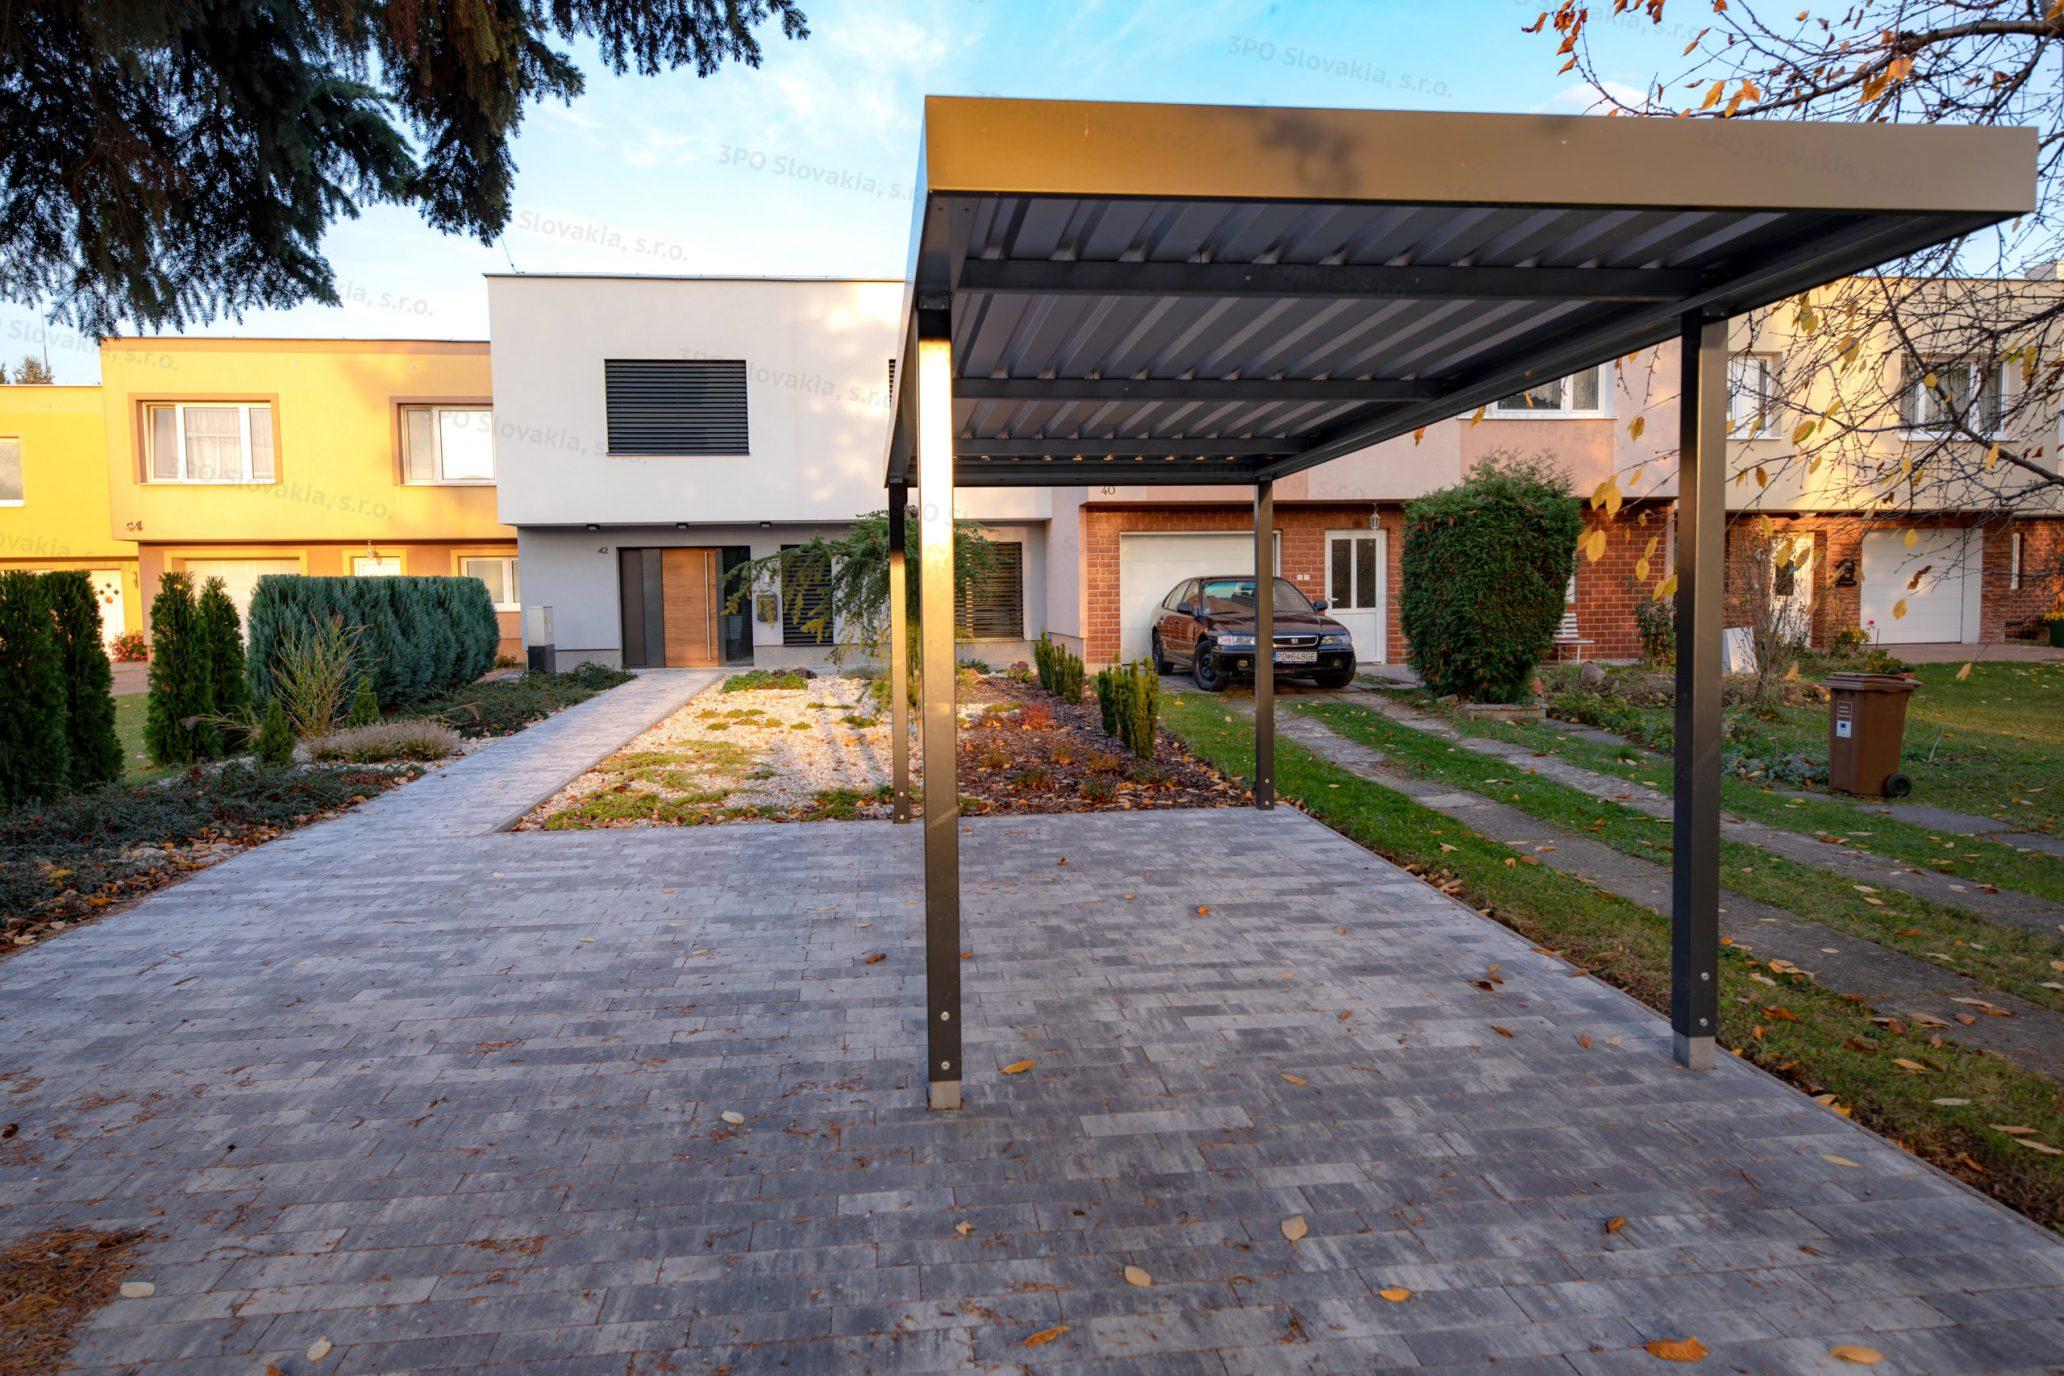 Ein montiertes Carport von SIEBAU in anthrazit bei einem Haus